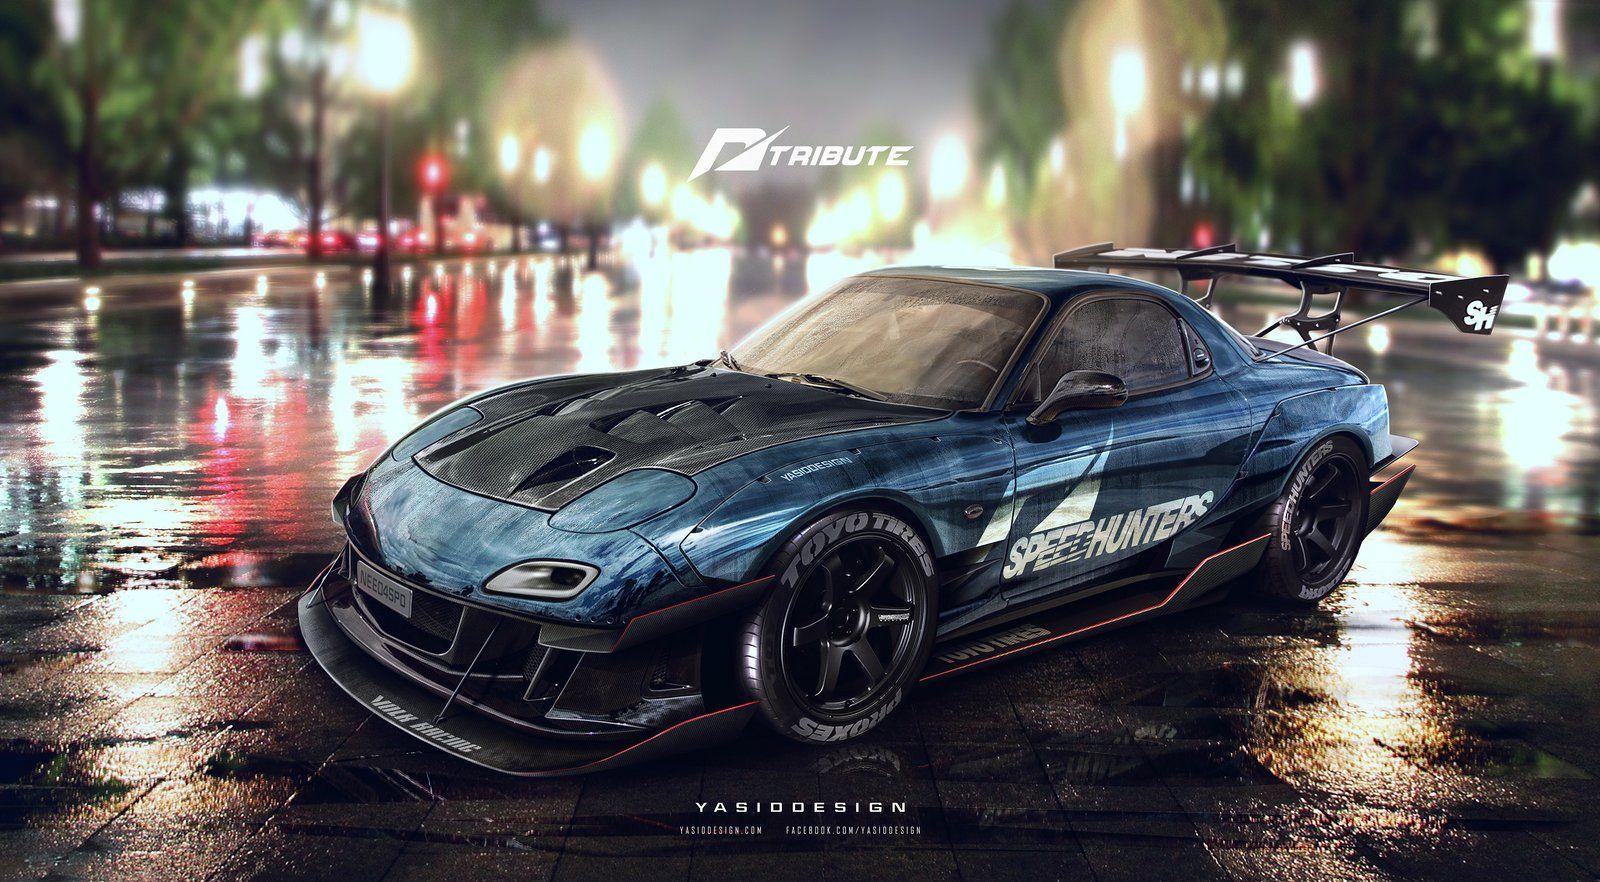 Speed hunters RX7 nfs tribute final 1 by yasiddesign.deviantart.com on @DeviantArt